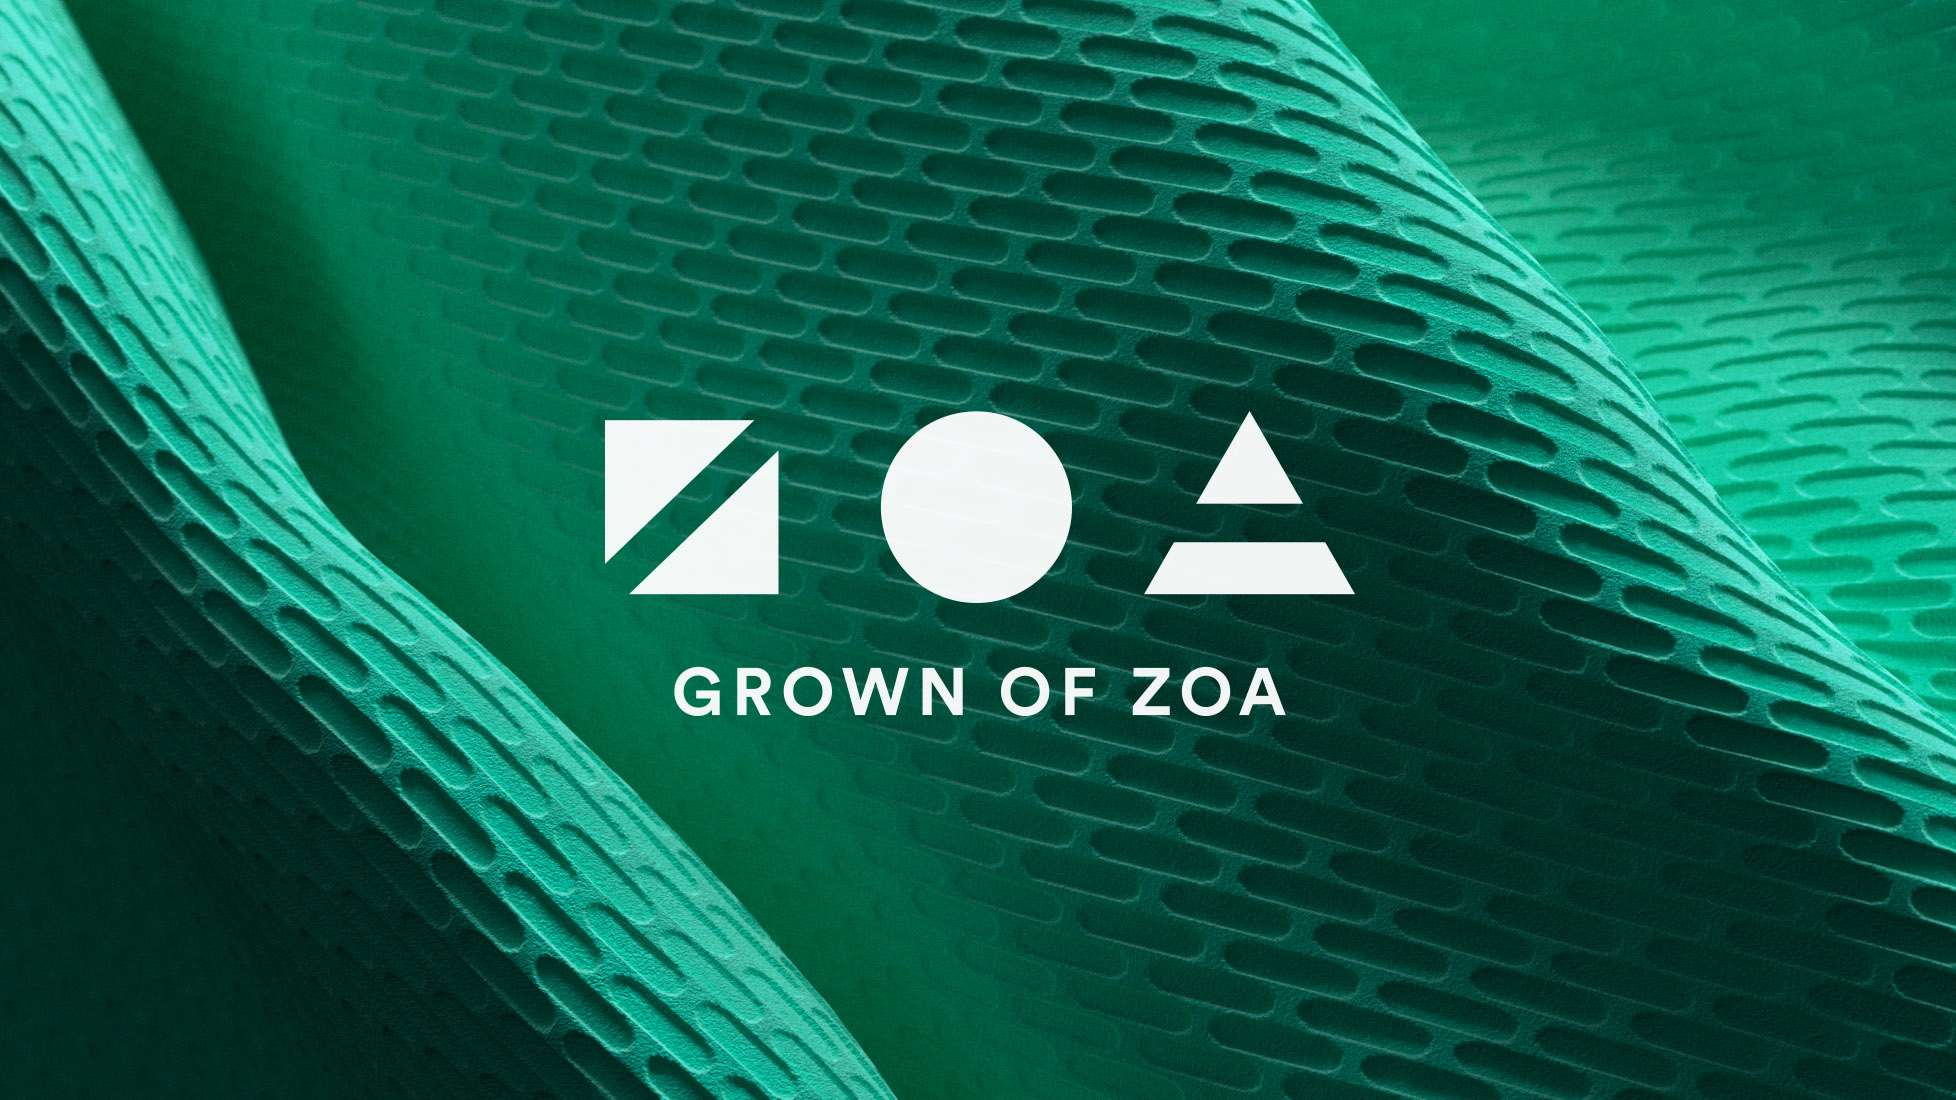 Zoa logo over material